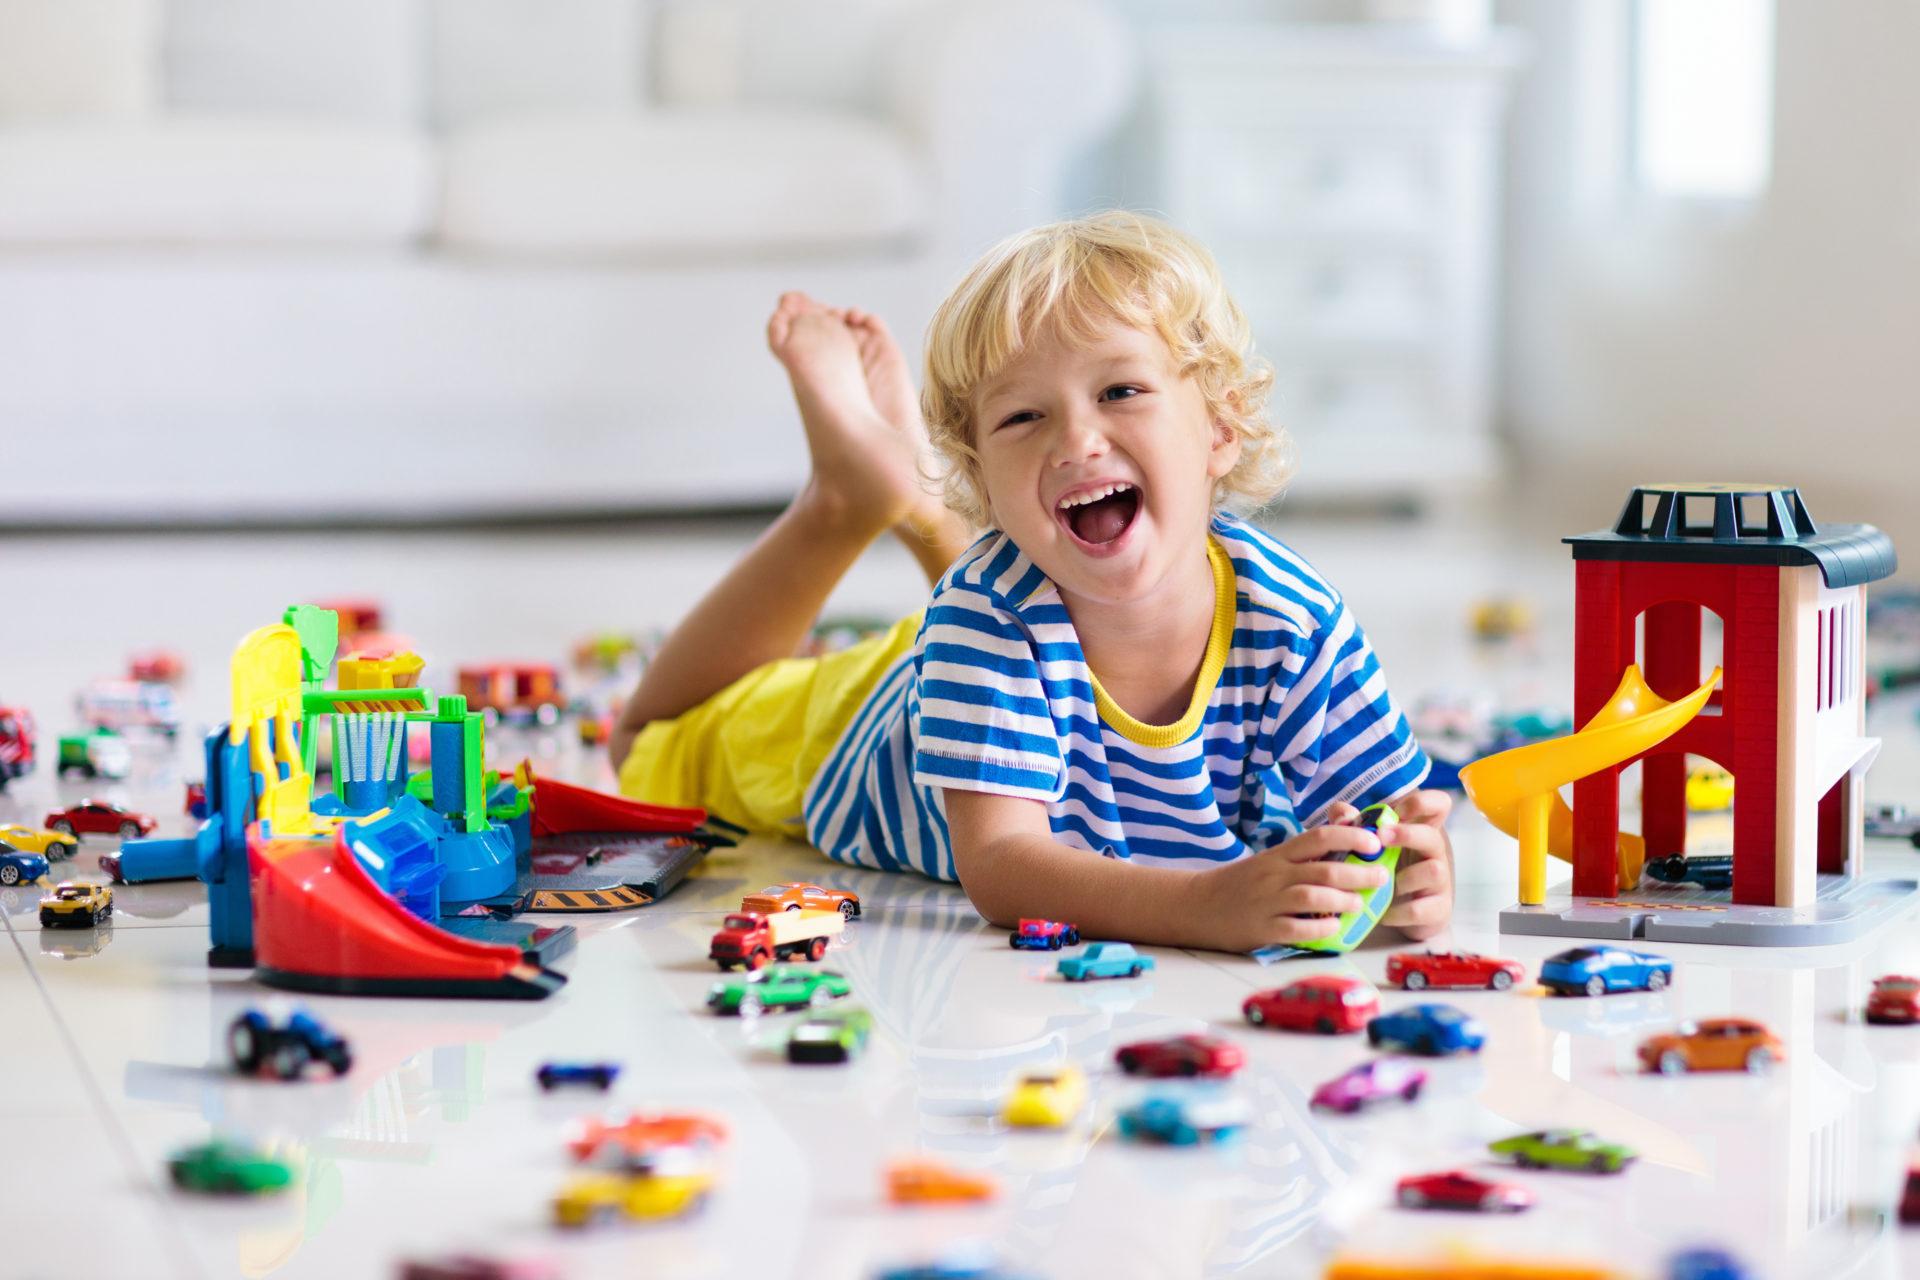 Jeu Eveil Enfant, Jouet Eveil Enfant, Cadeau D & amp;  # 039;  eveil Pour inquiéter Jeux Educatif 4 Ans